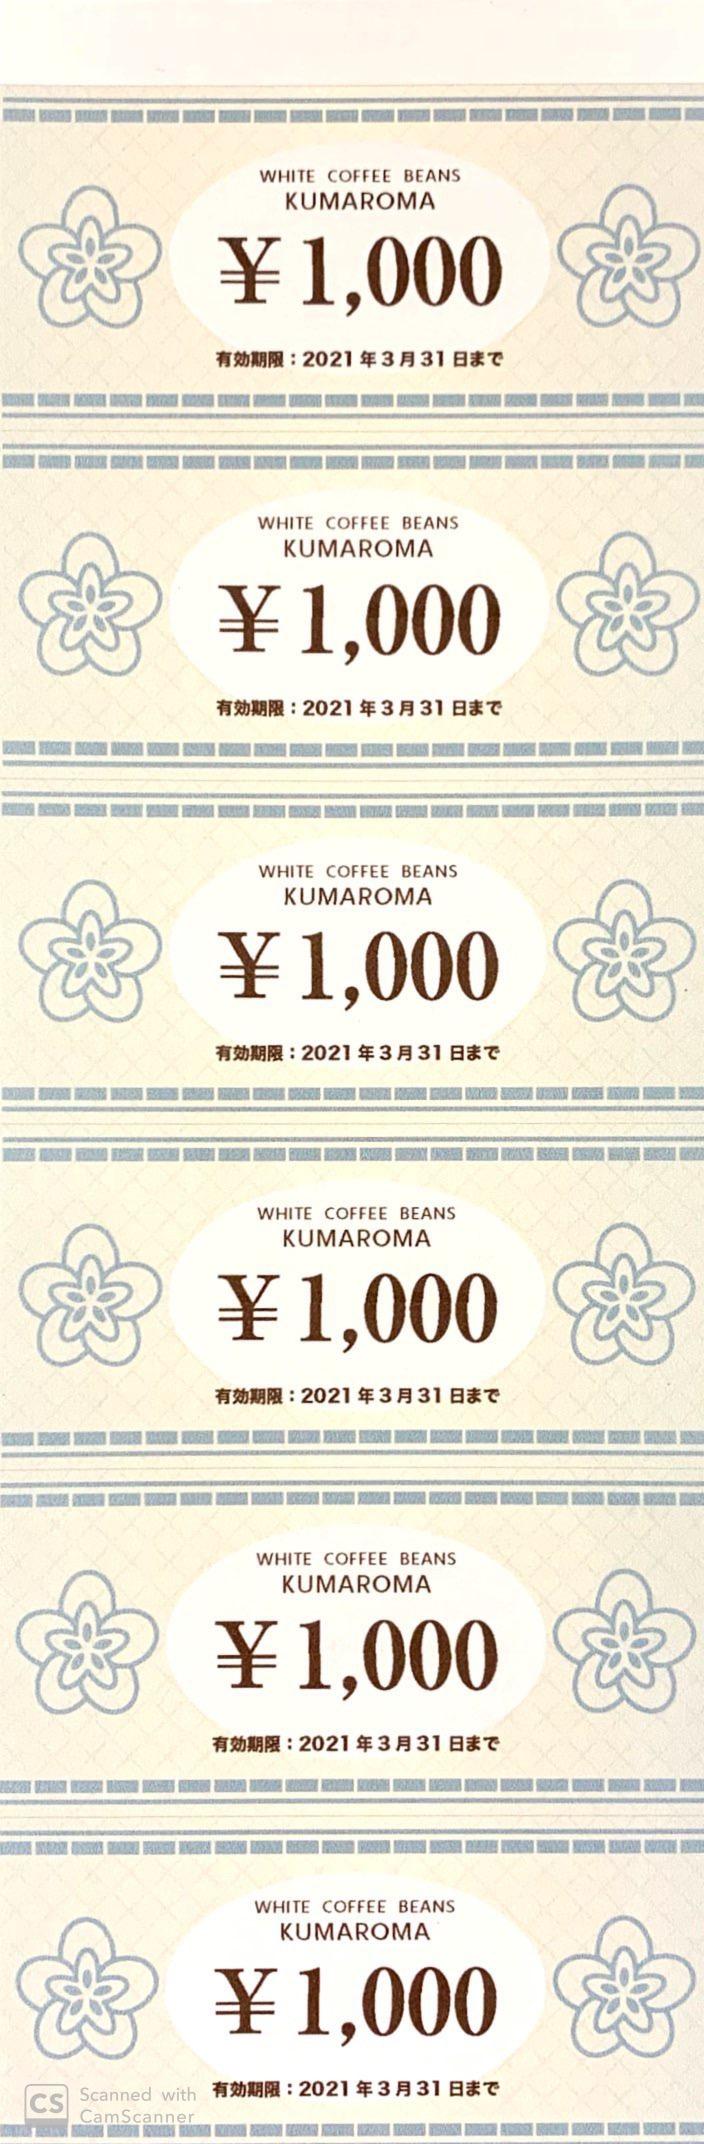 【御礼】ドリンク回数券残り1枚!!新しくKUMAROMA最強商品券がリリースしました♪